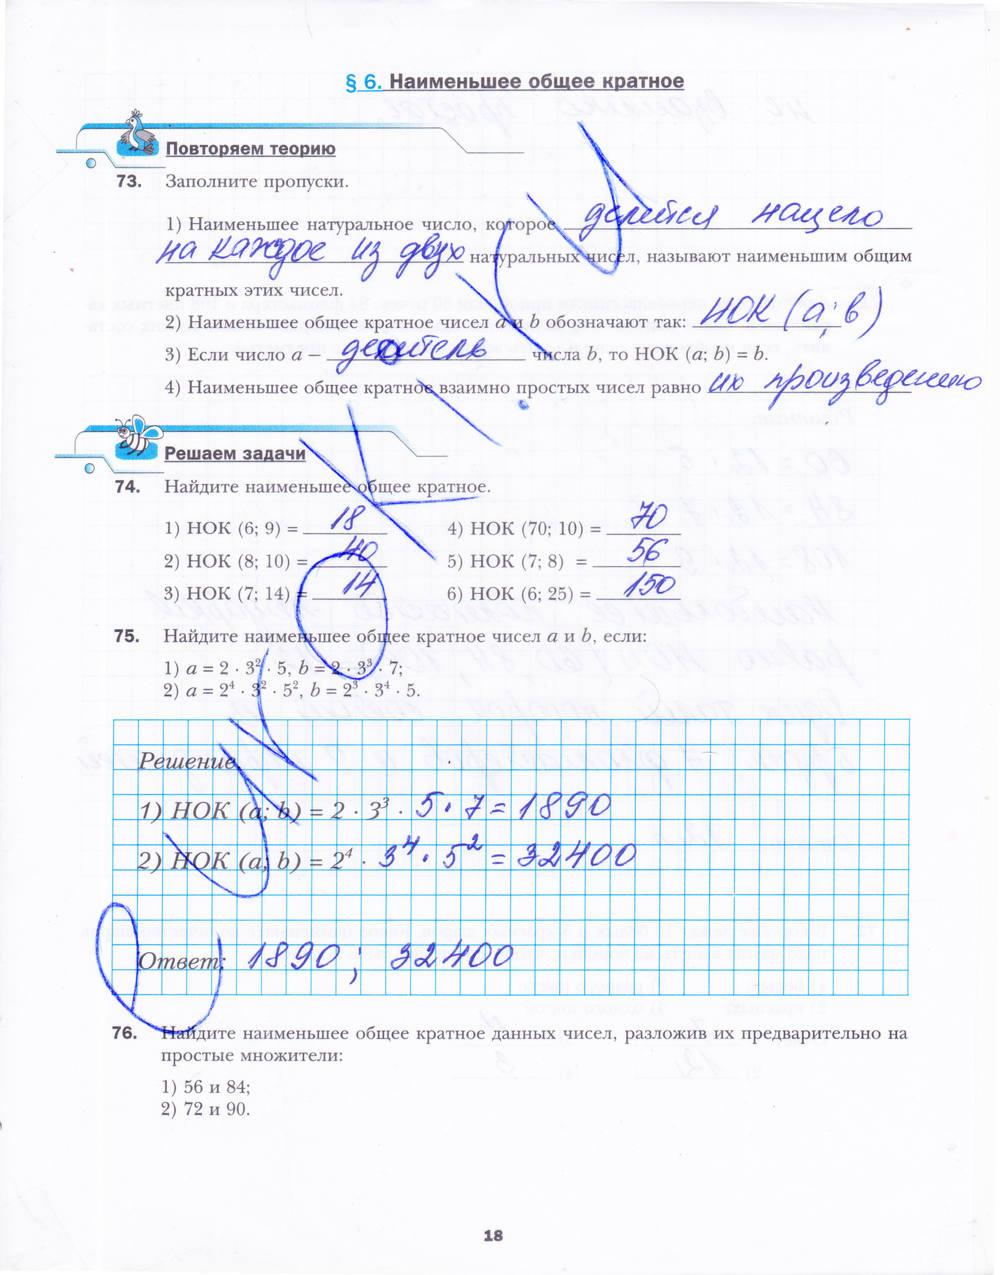 Решебник По Математики 5 Класса А Г Мерзляк В.б.полонский М.с.якир